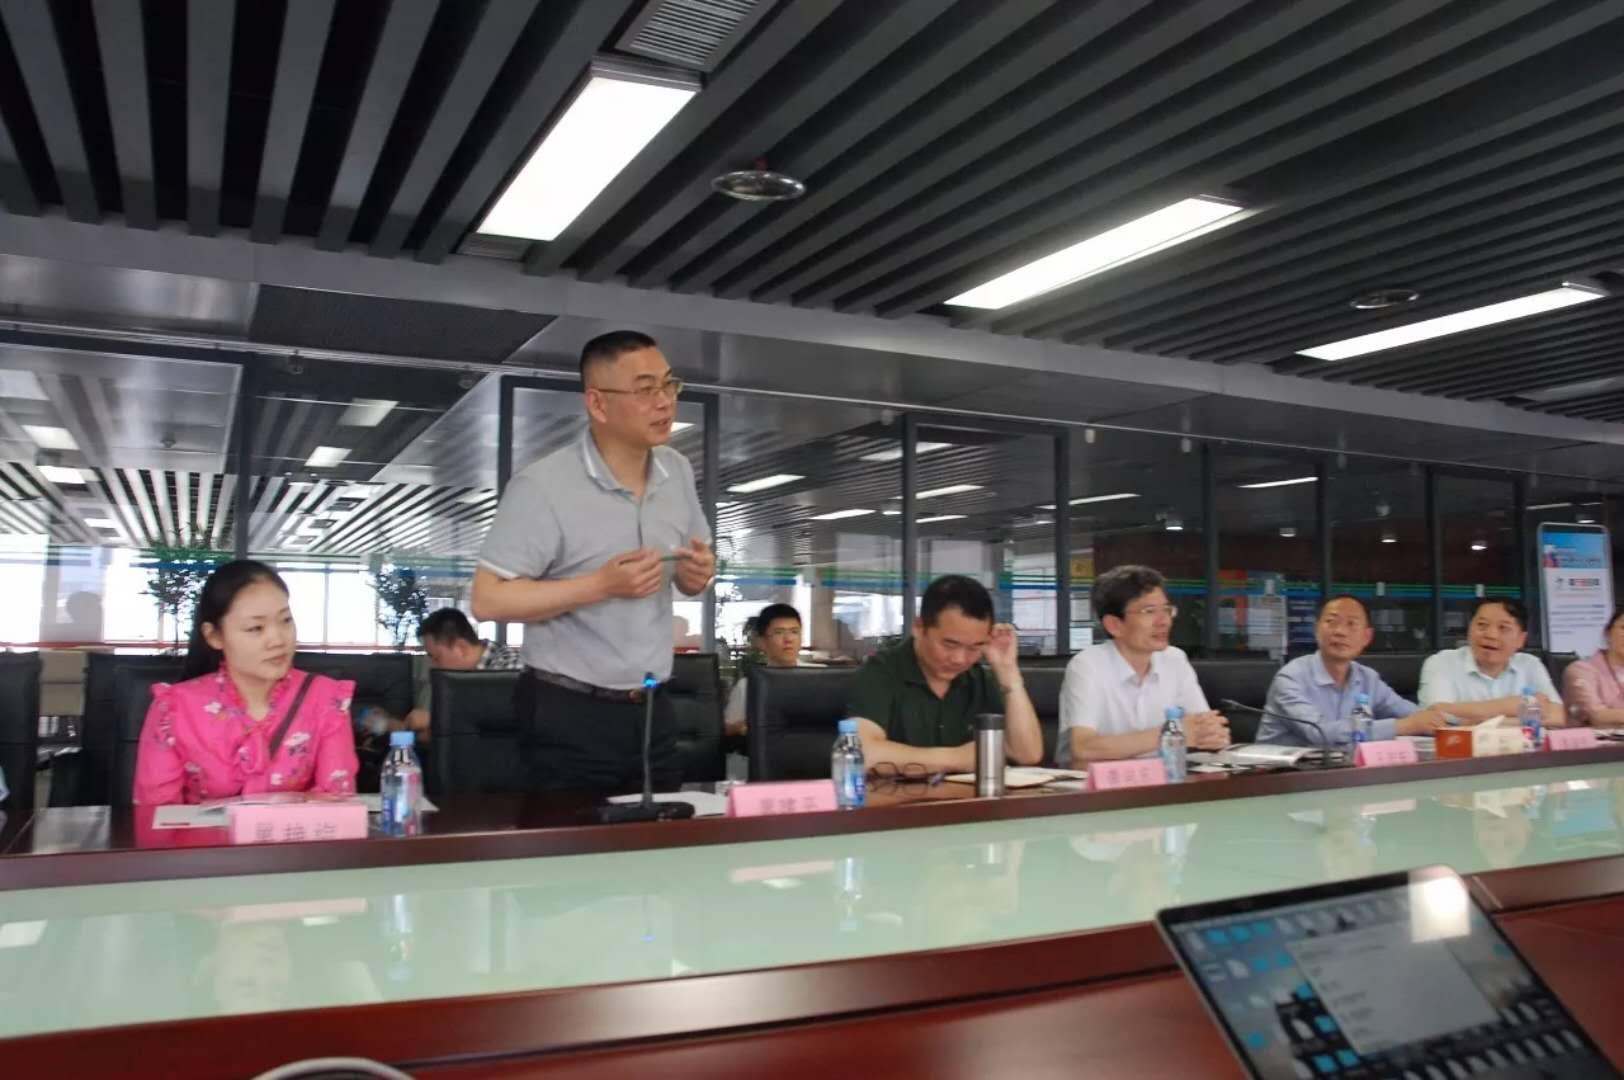 【动态】宜春市党政领导一行莅临华傲数据